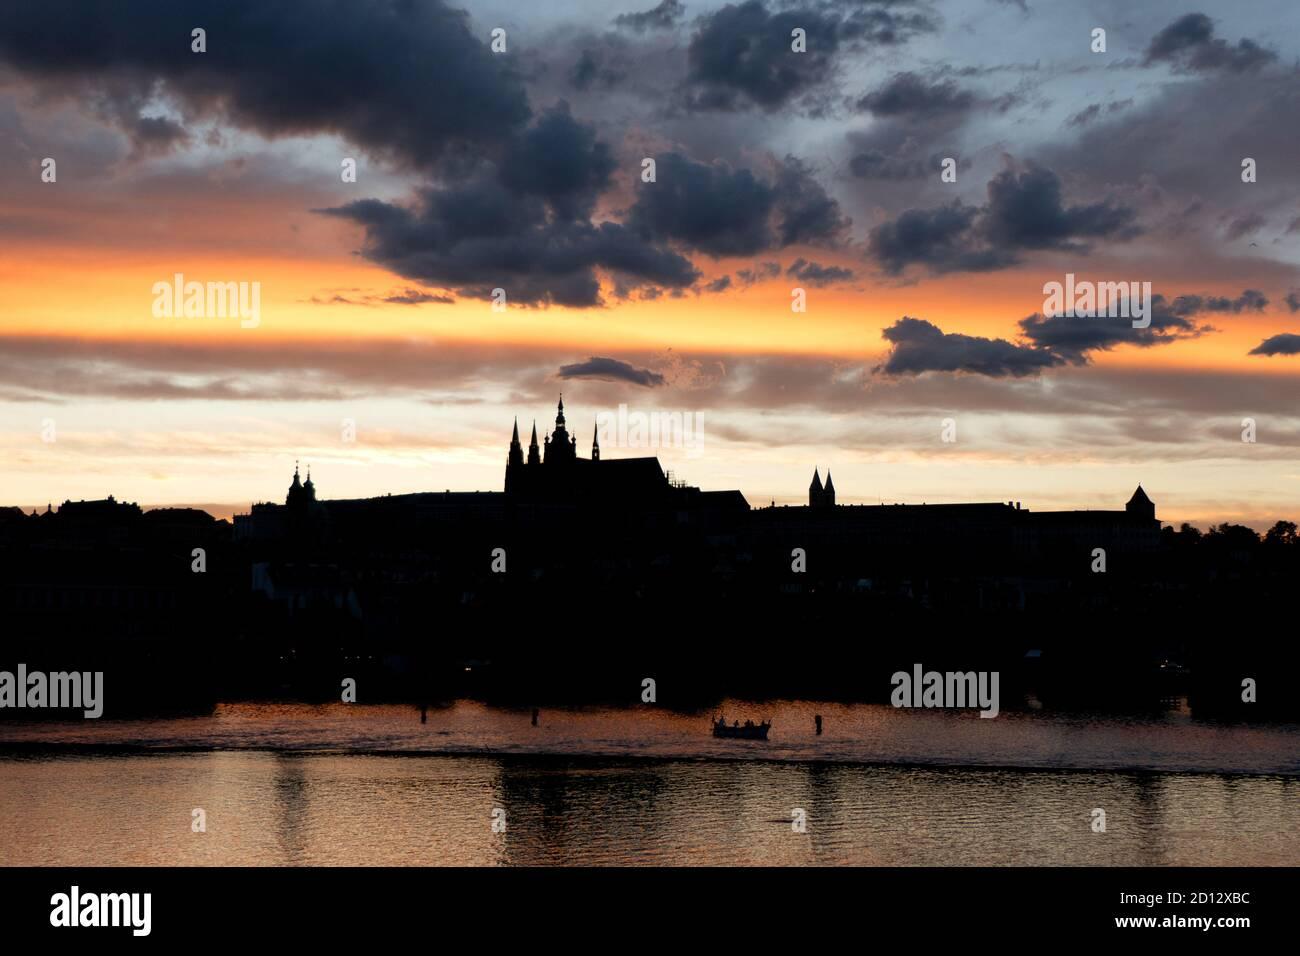 Vue sur le château de Prague, site touristique sur la Vltava (Moldau) à Prague, République tchèque, Europe. Magnifique paysage de ville avec monument Banque D'Images